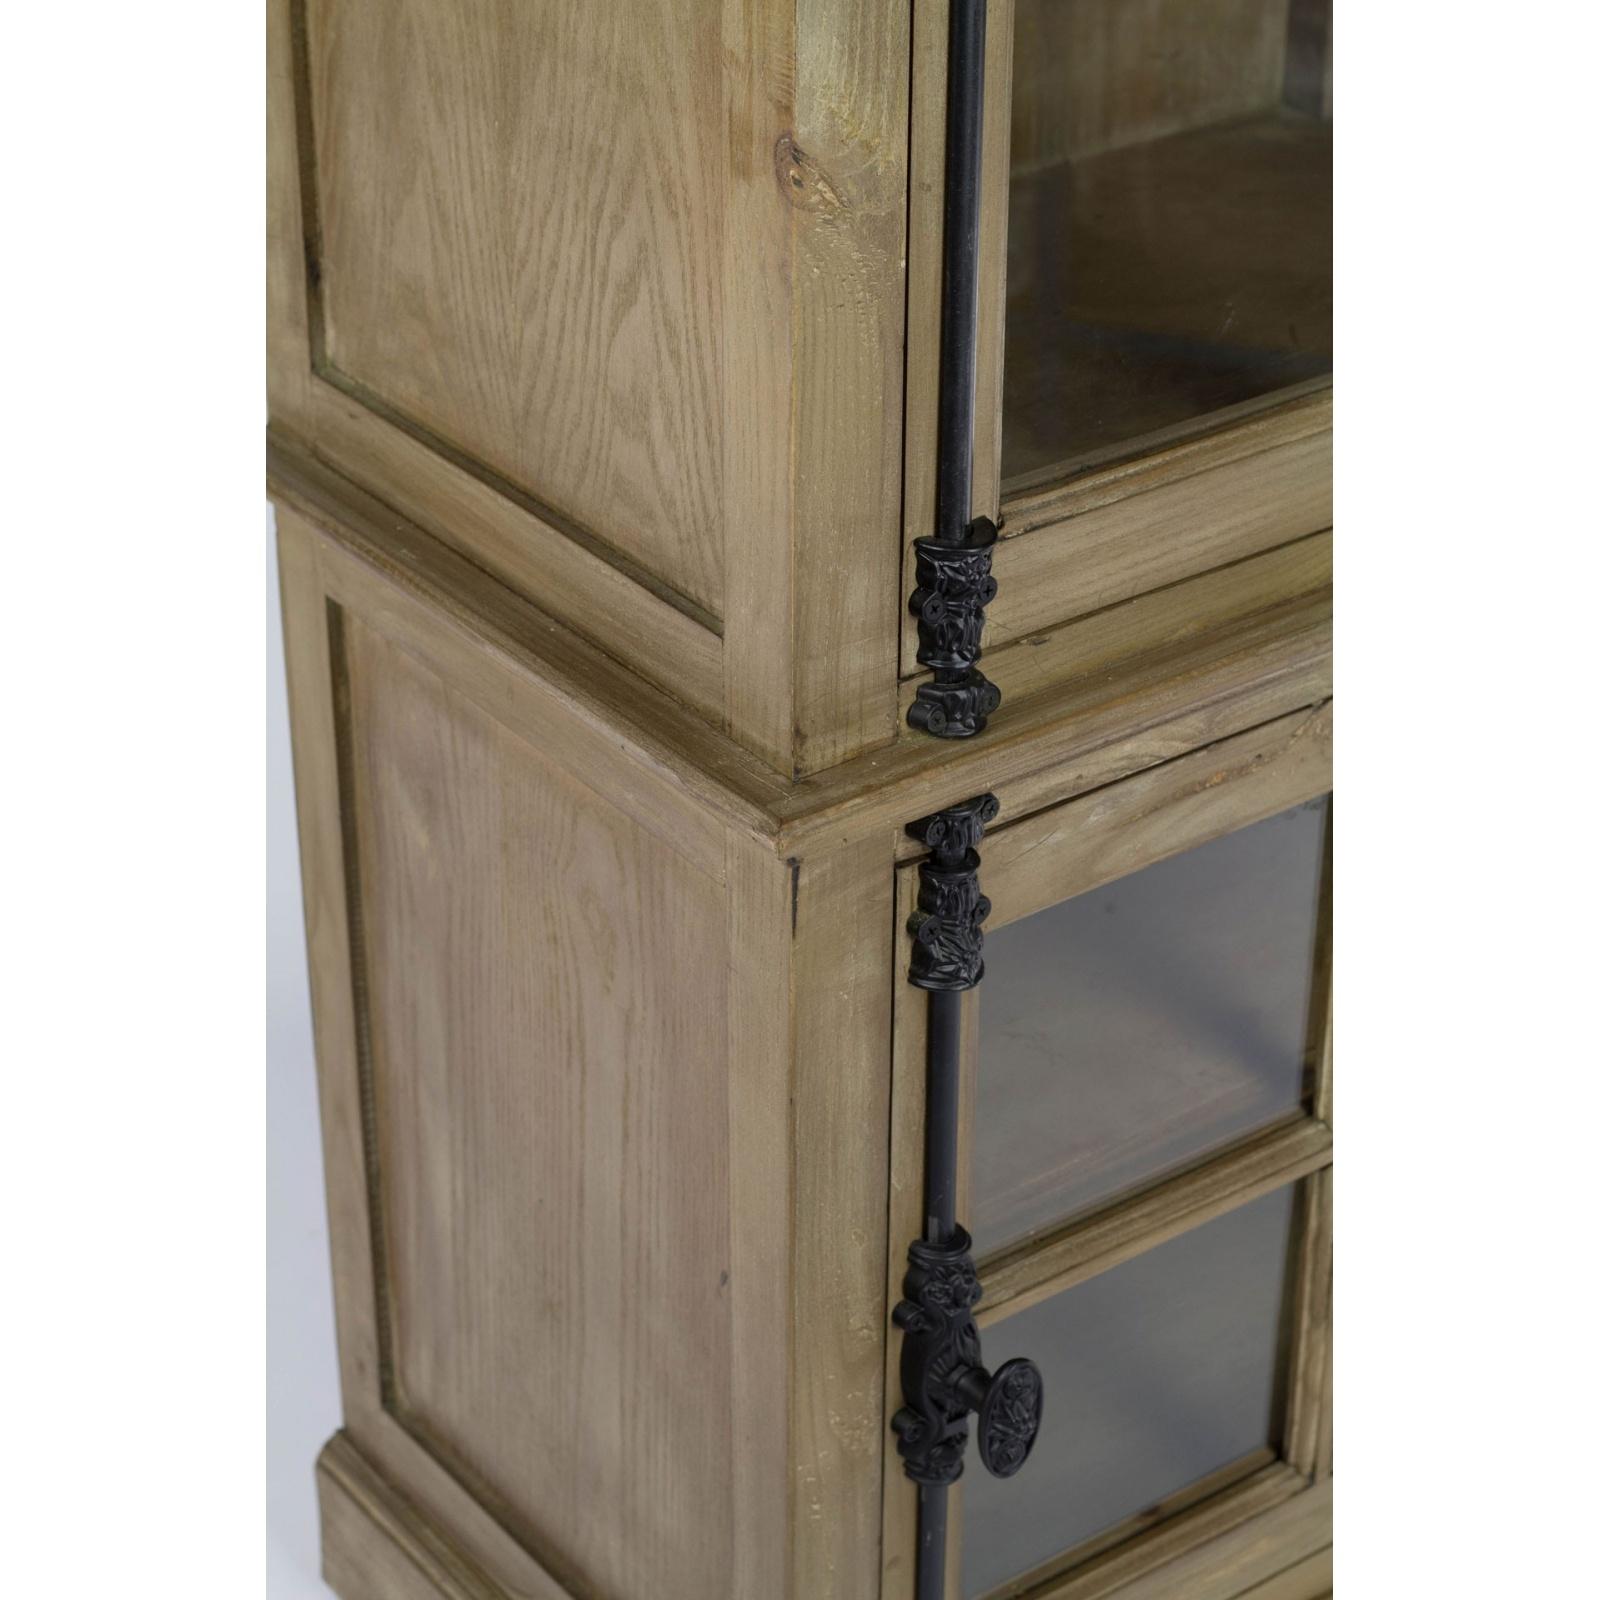 Armoire une porte jp2b d coration for Decoration porte armoire cuisine